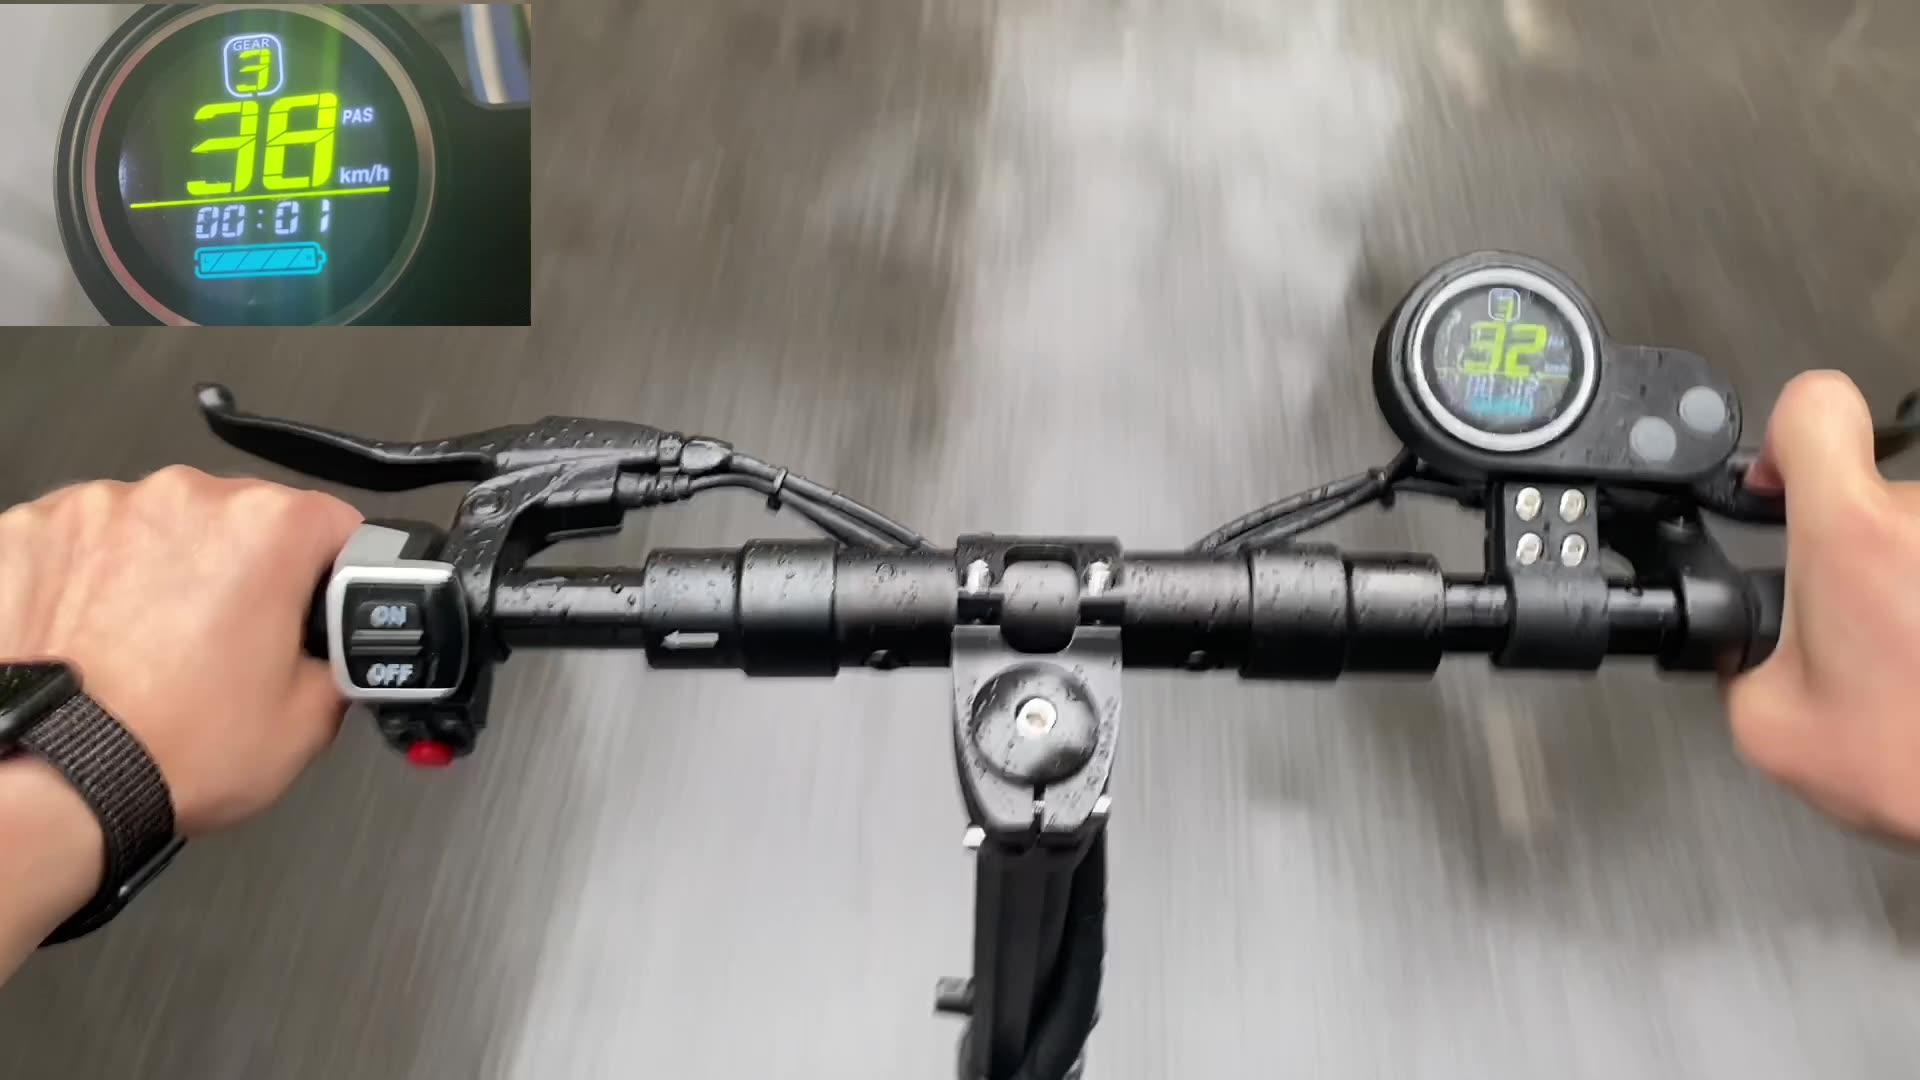 Trottinette électrique portable à 2 roues pour adultes, 48v, 500/800/1000w, nouveau style, en stock